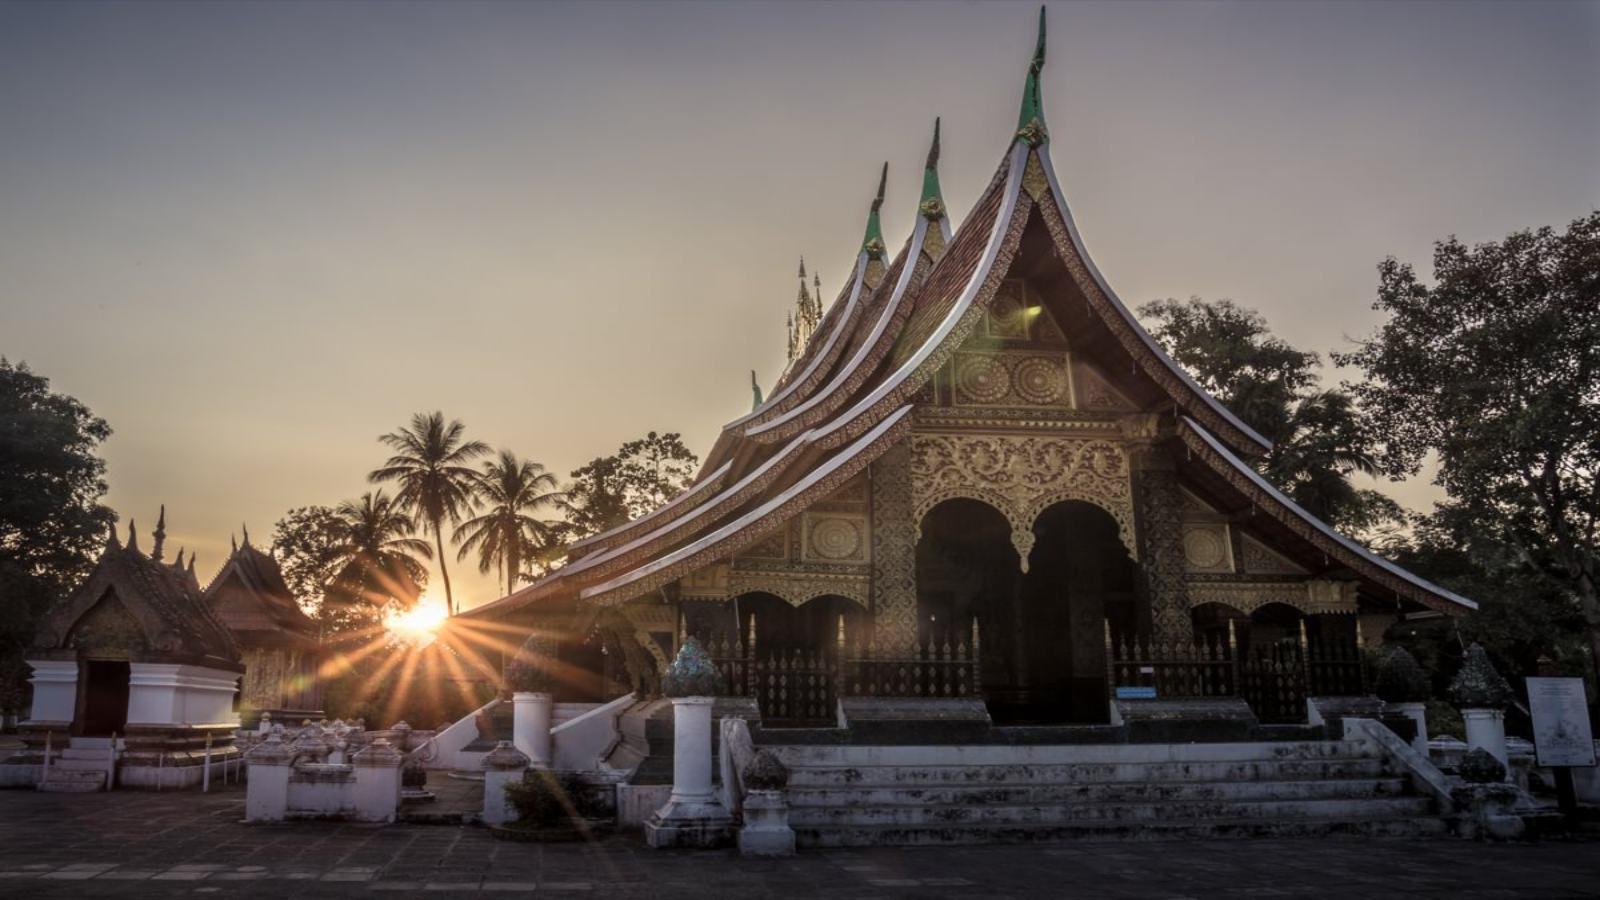 wat-xieng-thong-temple-luang-phrabang-11